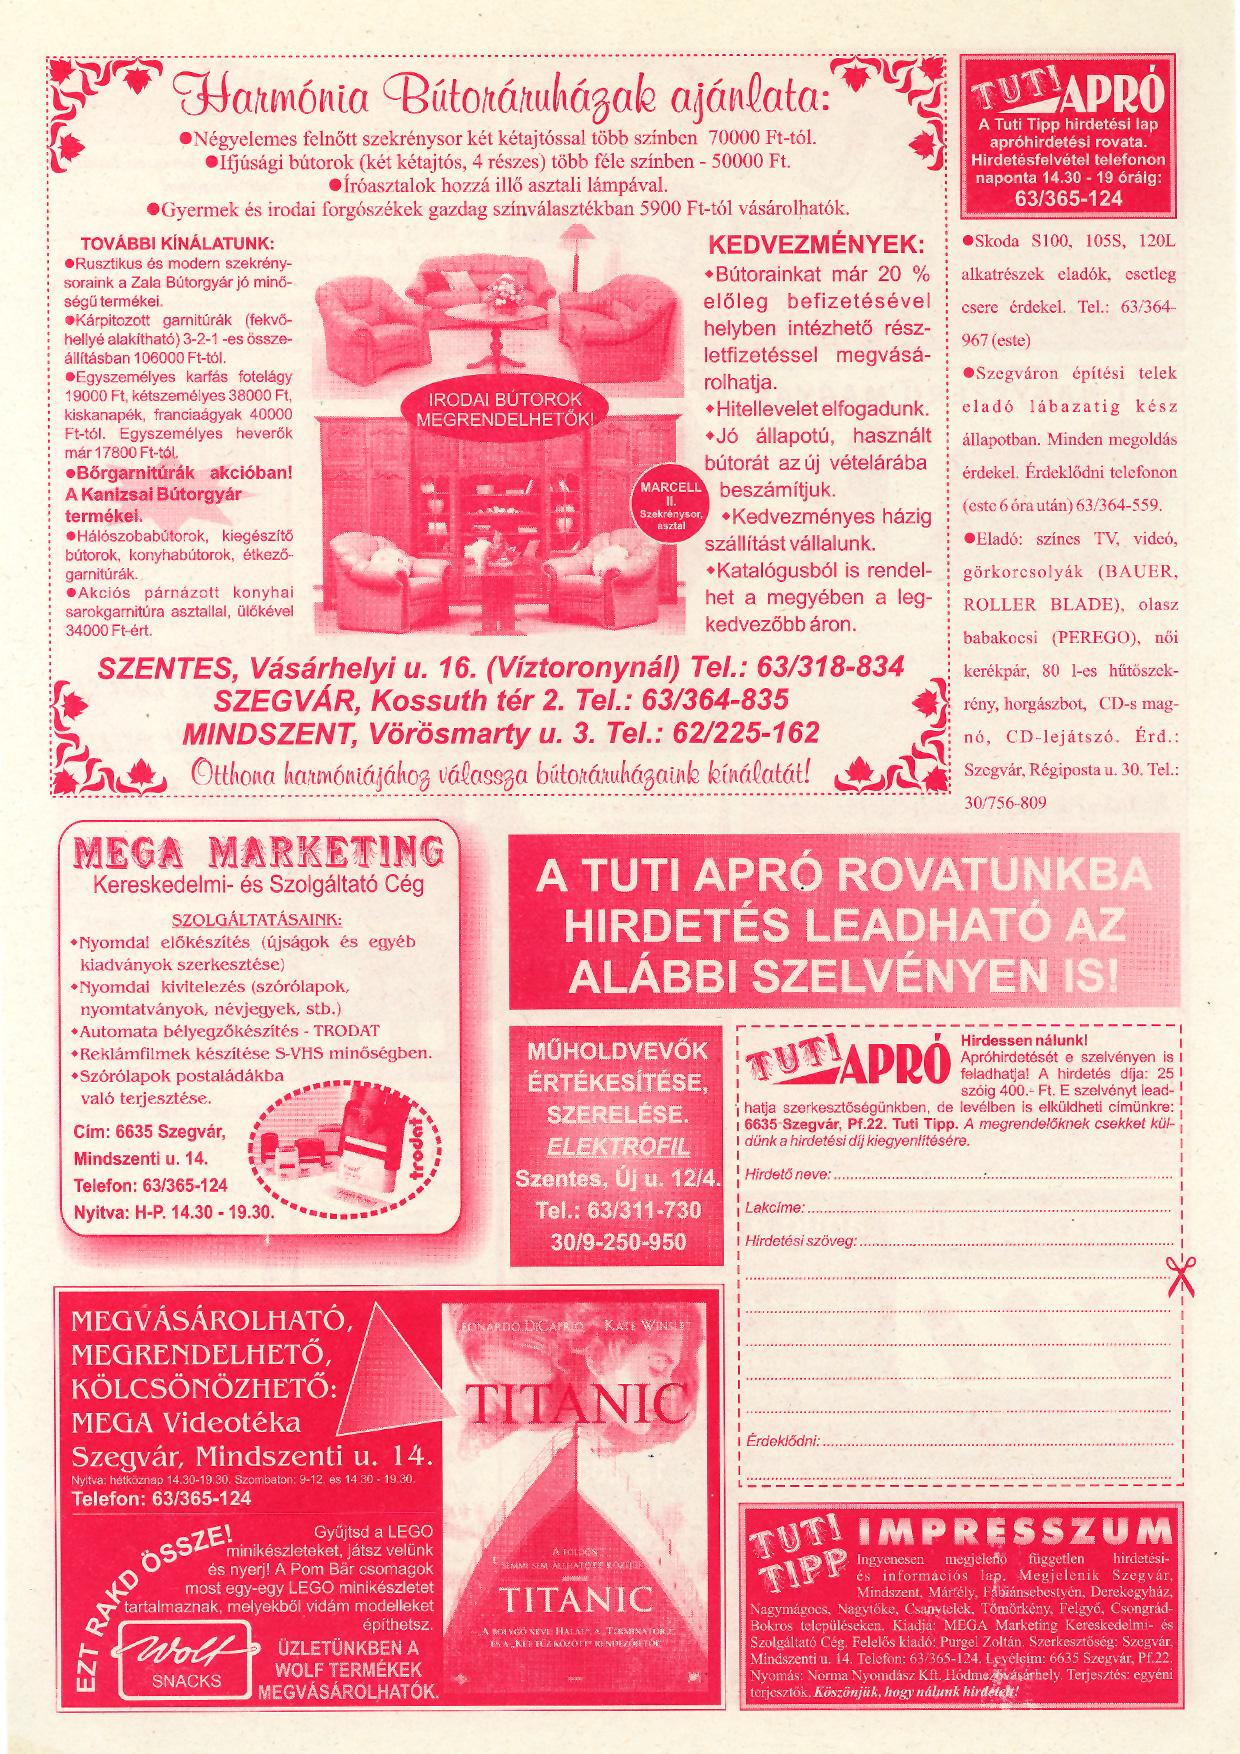 050 Tuti Tipp reklámújság - 19981017-095+005. lapszám - 2.oldal - IV. évfolyam.jpg